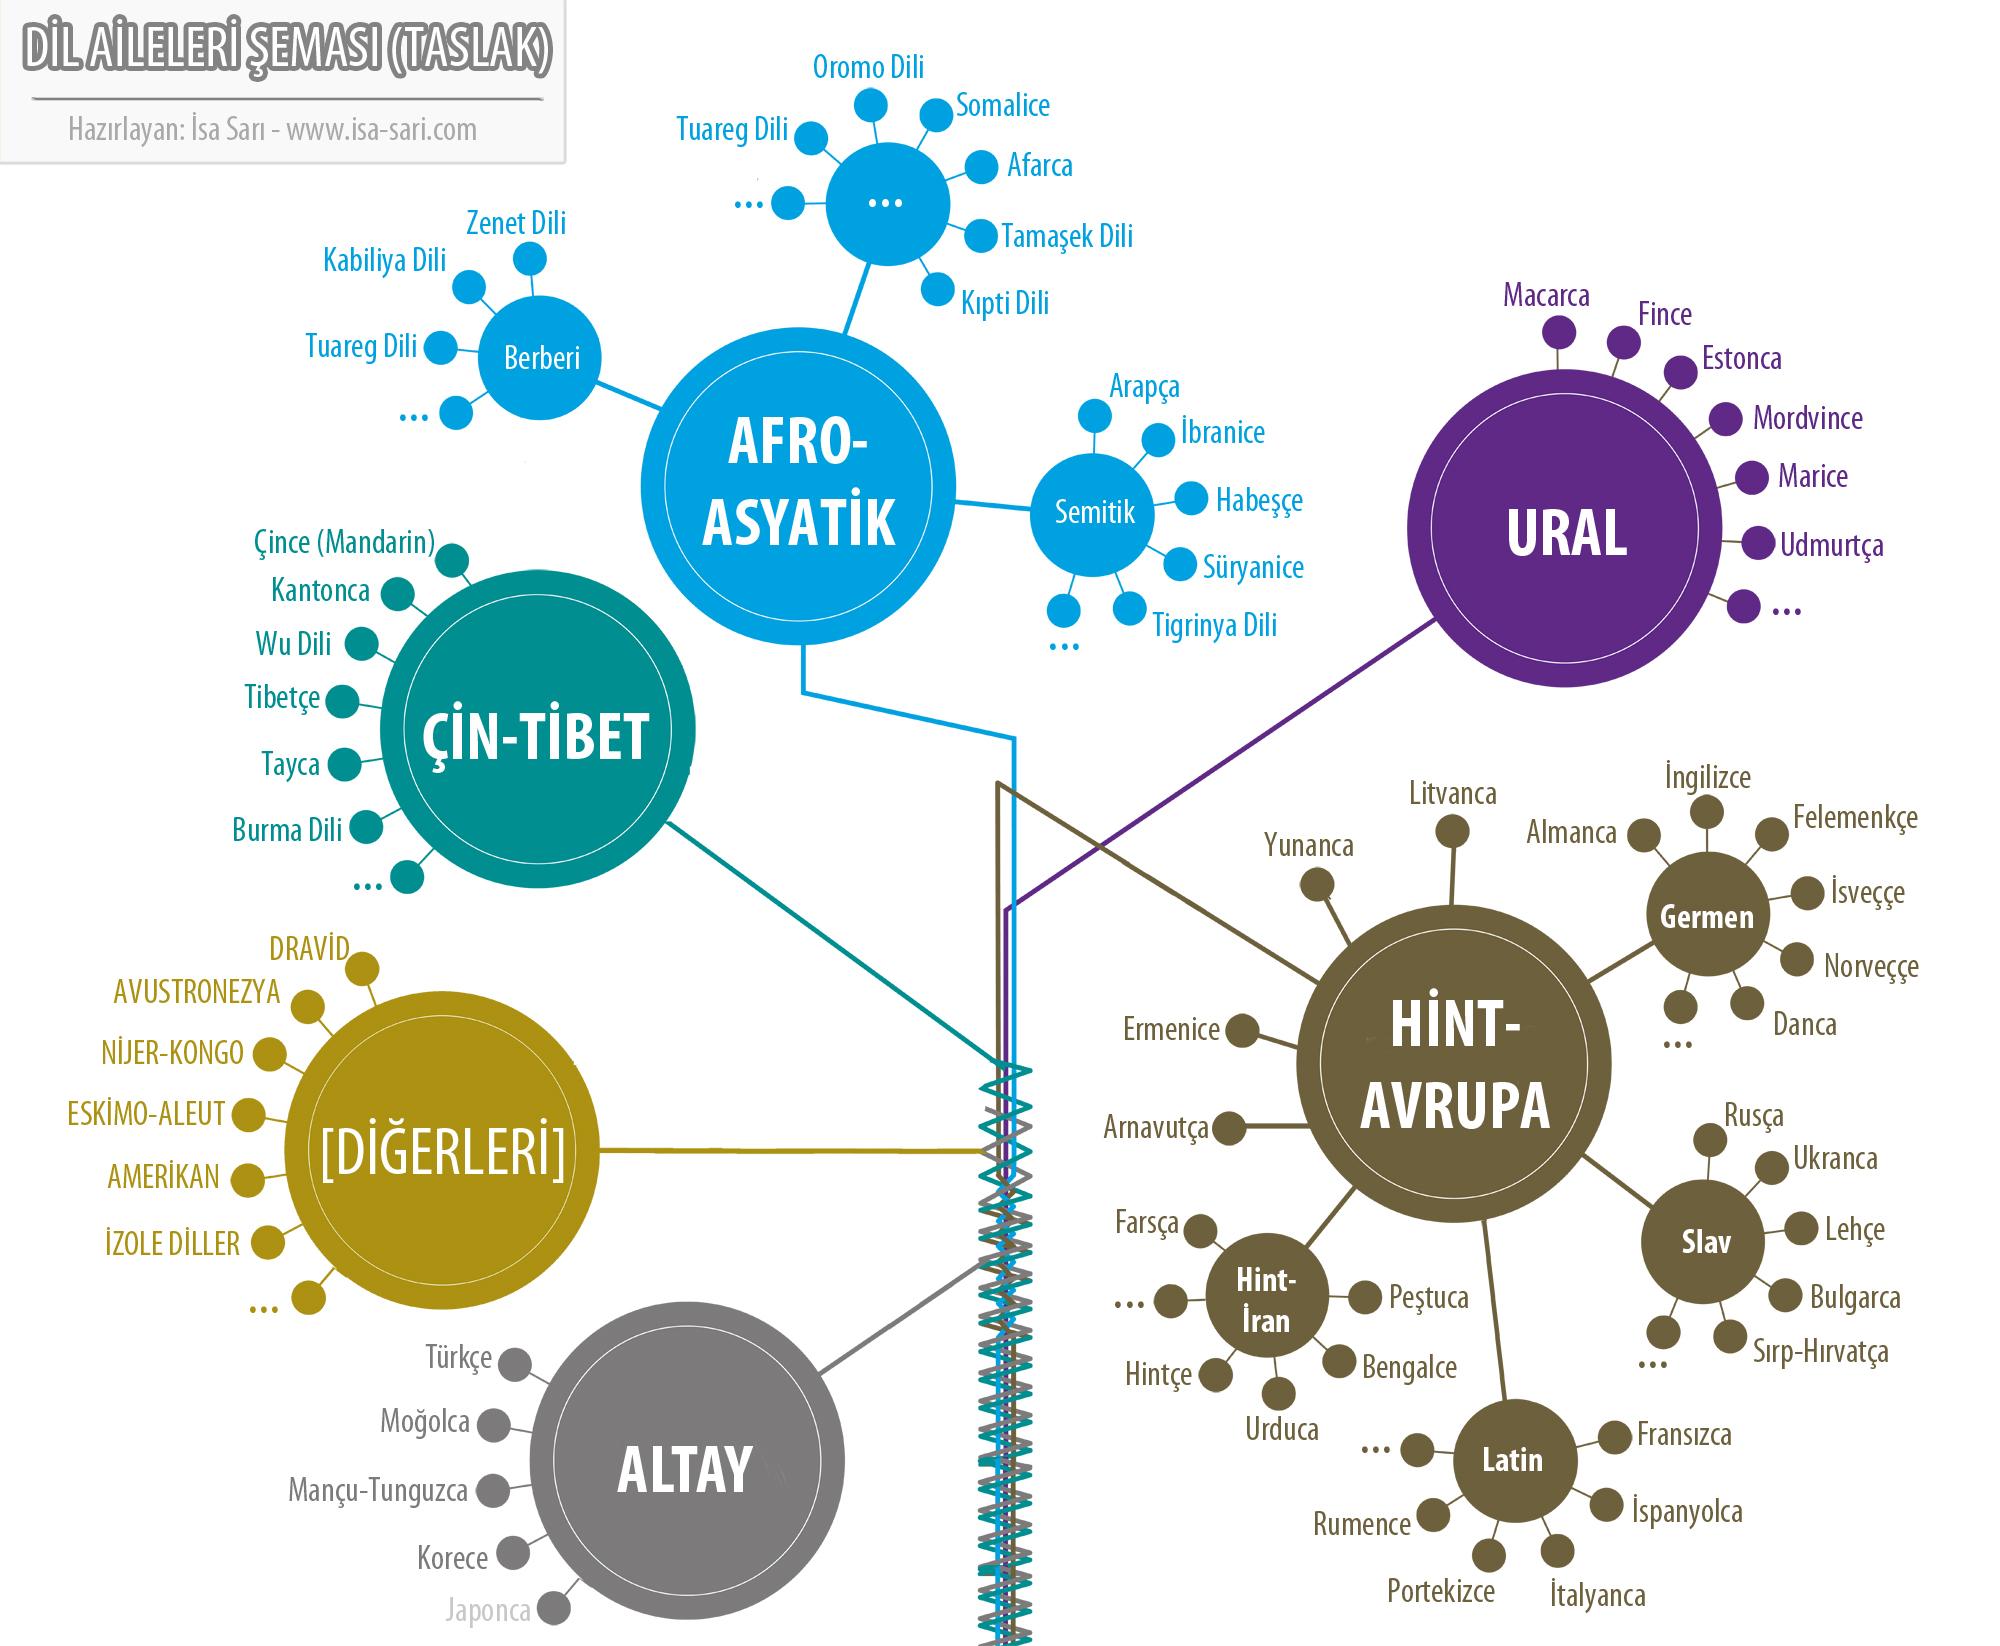 Dil aileleri şeması